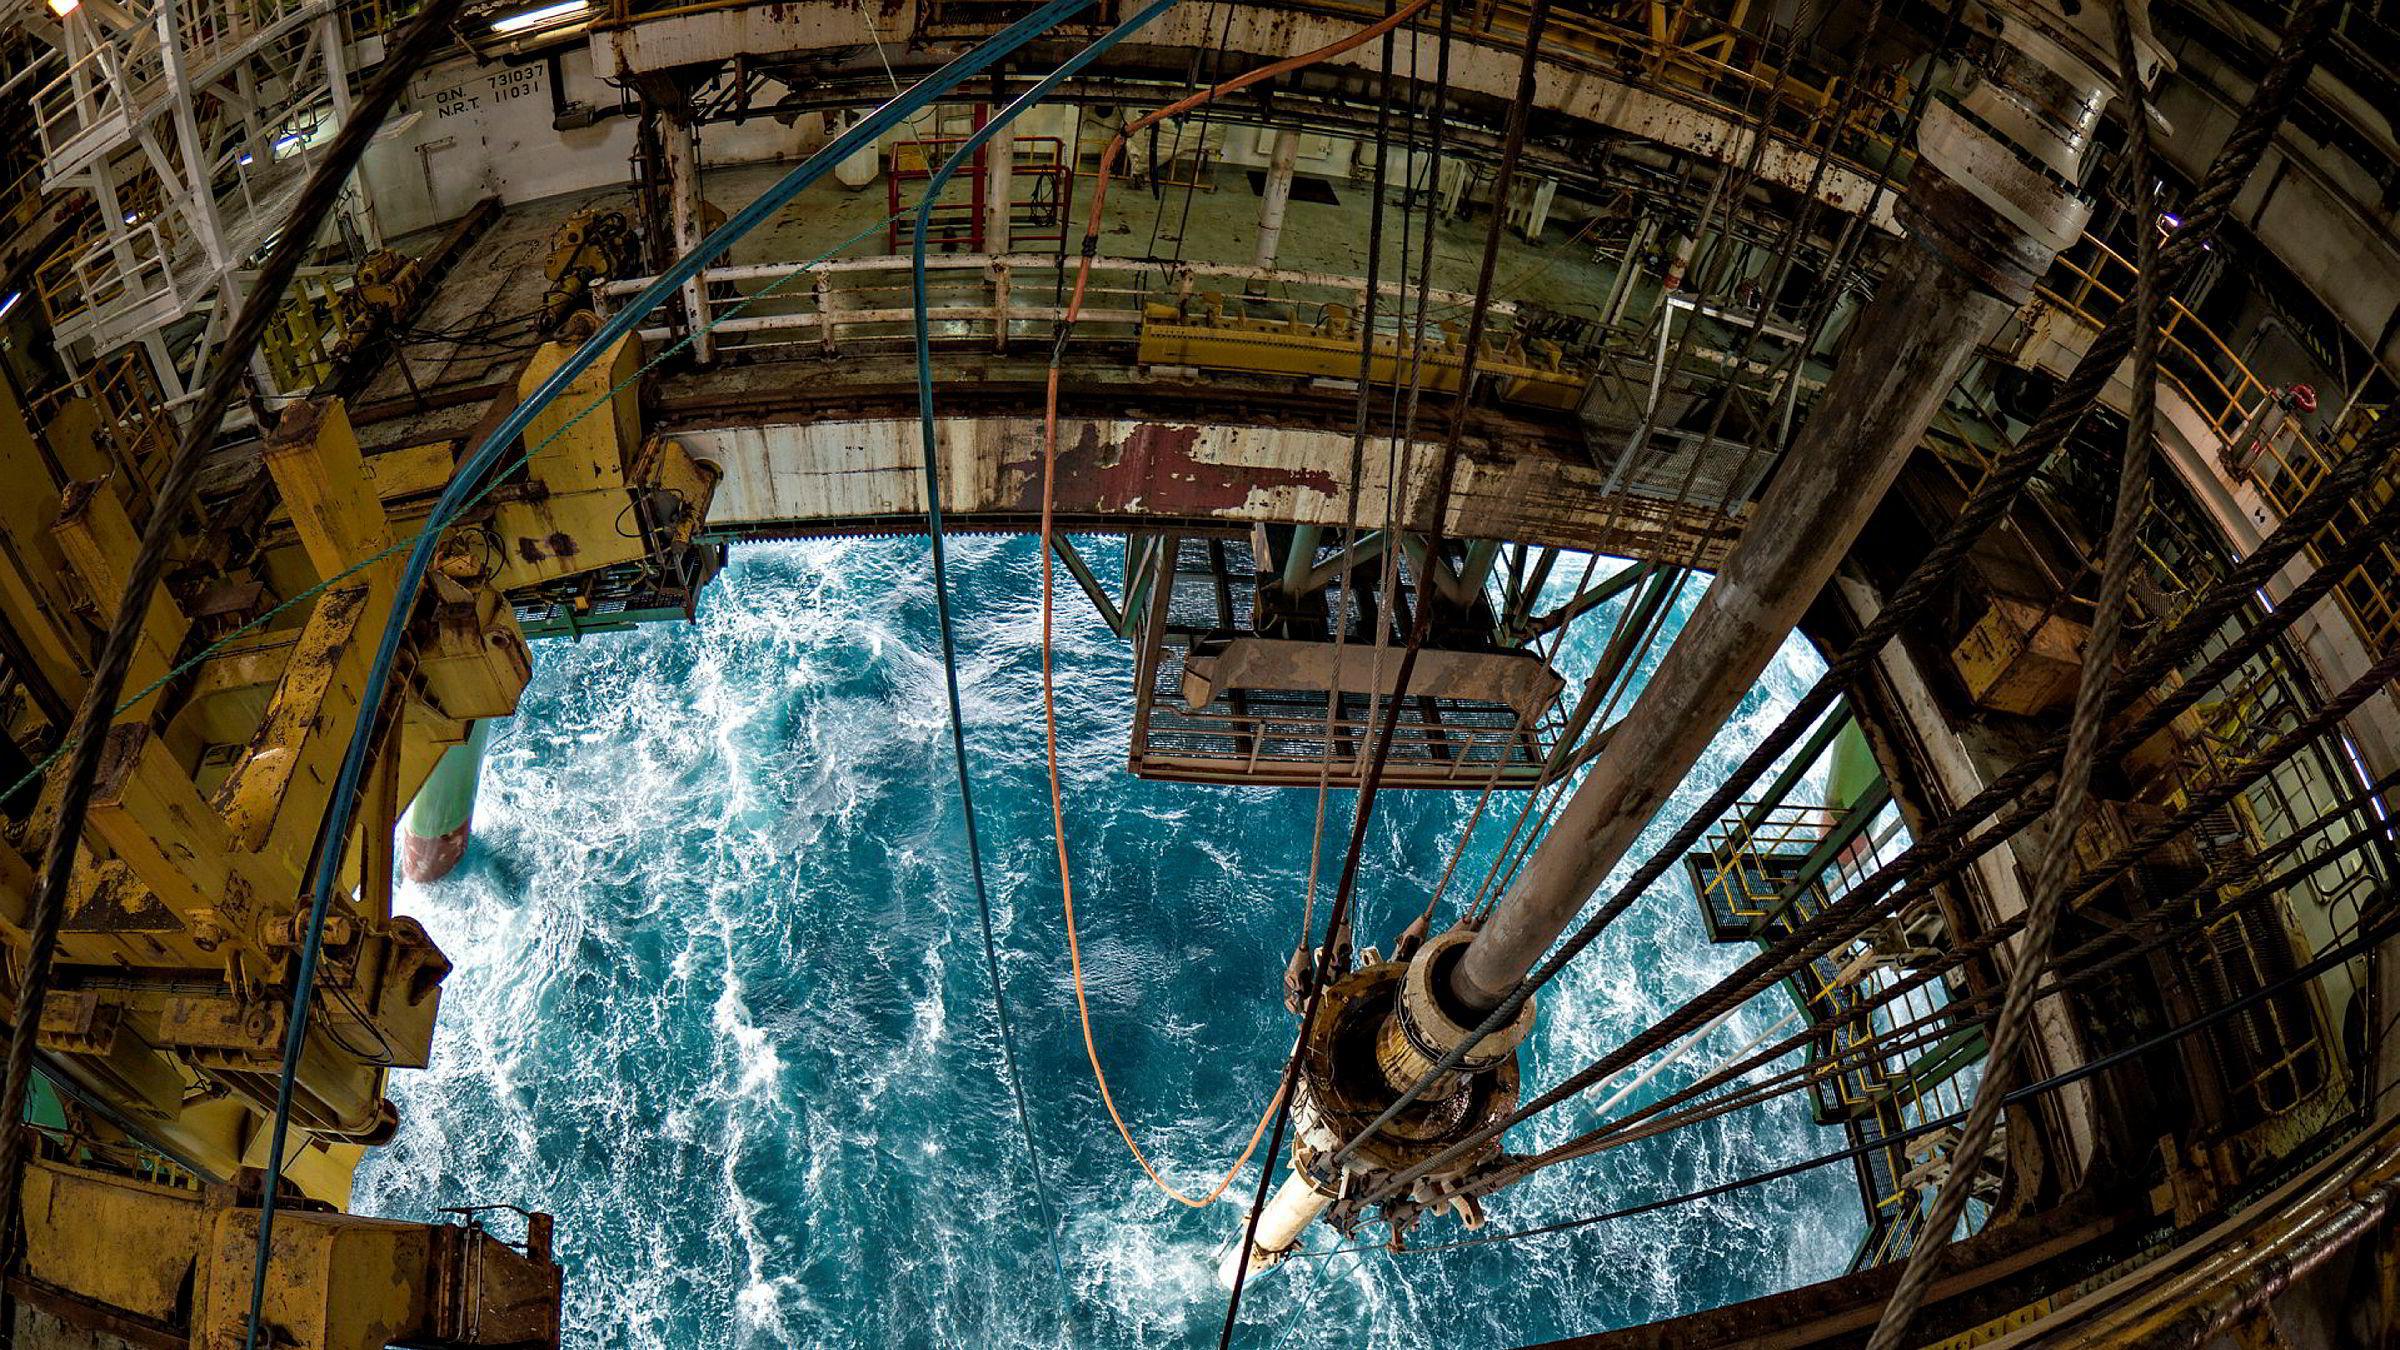 Snart vil ikke bare 93 prosent av oss, men 99 prosent, skape verdier på hundretalls andre måter enn ved olje og gass. Utfasing av olje er ikke mer dramatisk enn som så, skriver artikkelforfatteren. Her fra boreriggen Leiv Eriksson i Barentshavet.